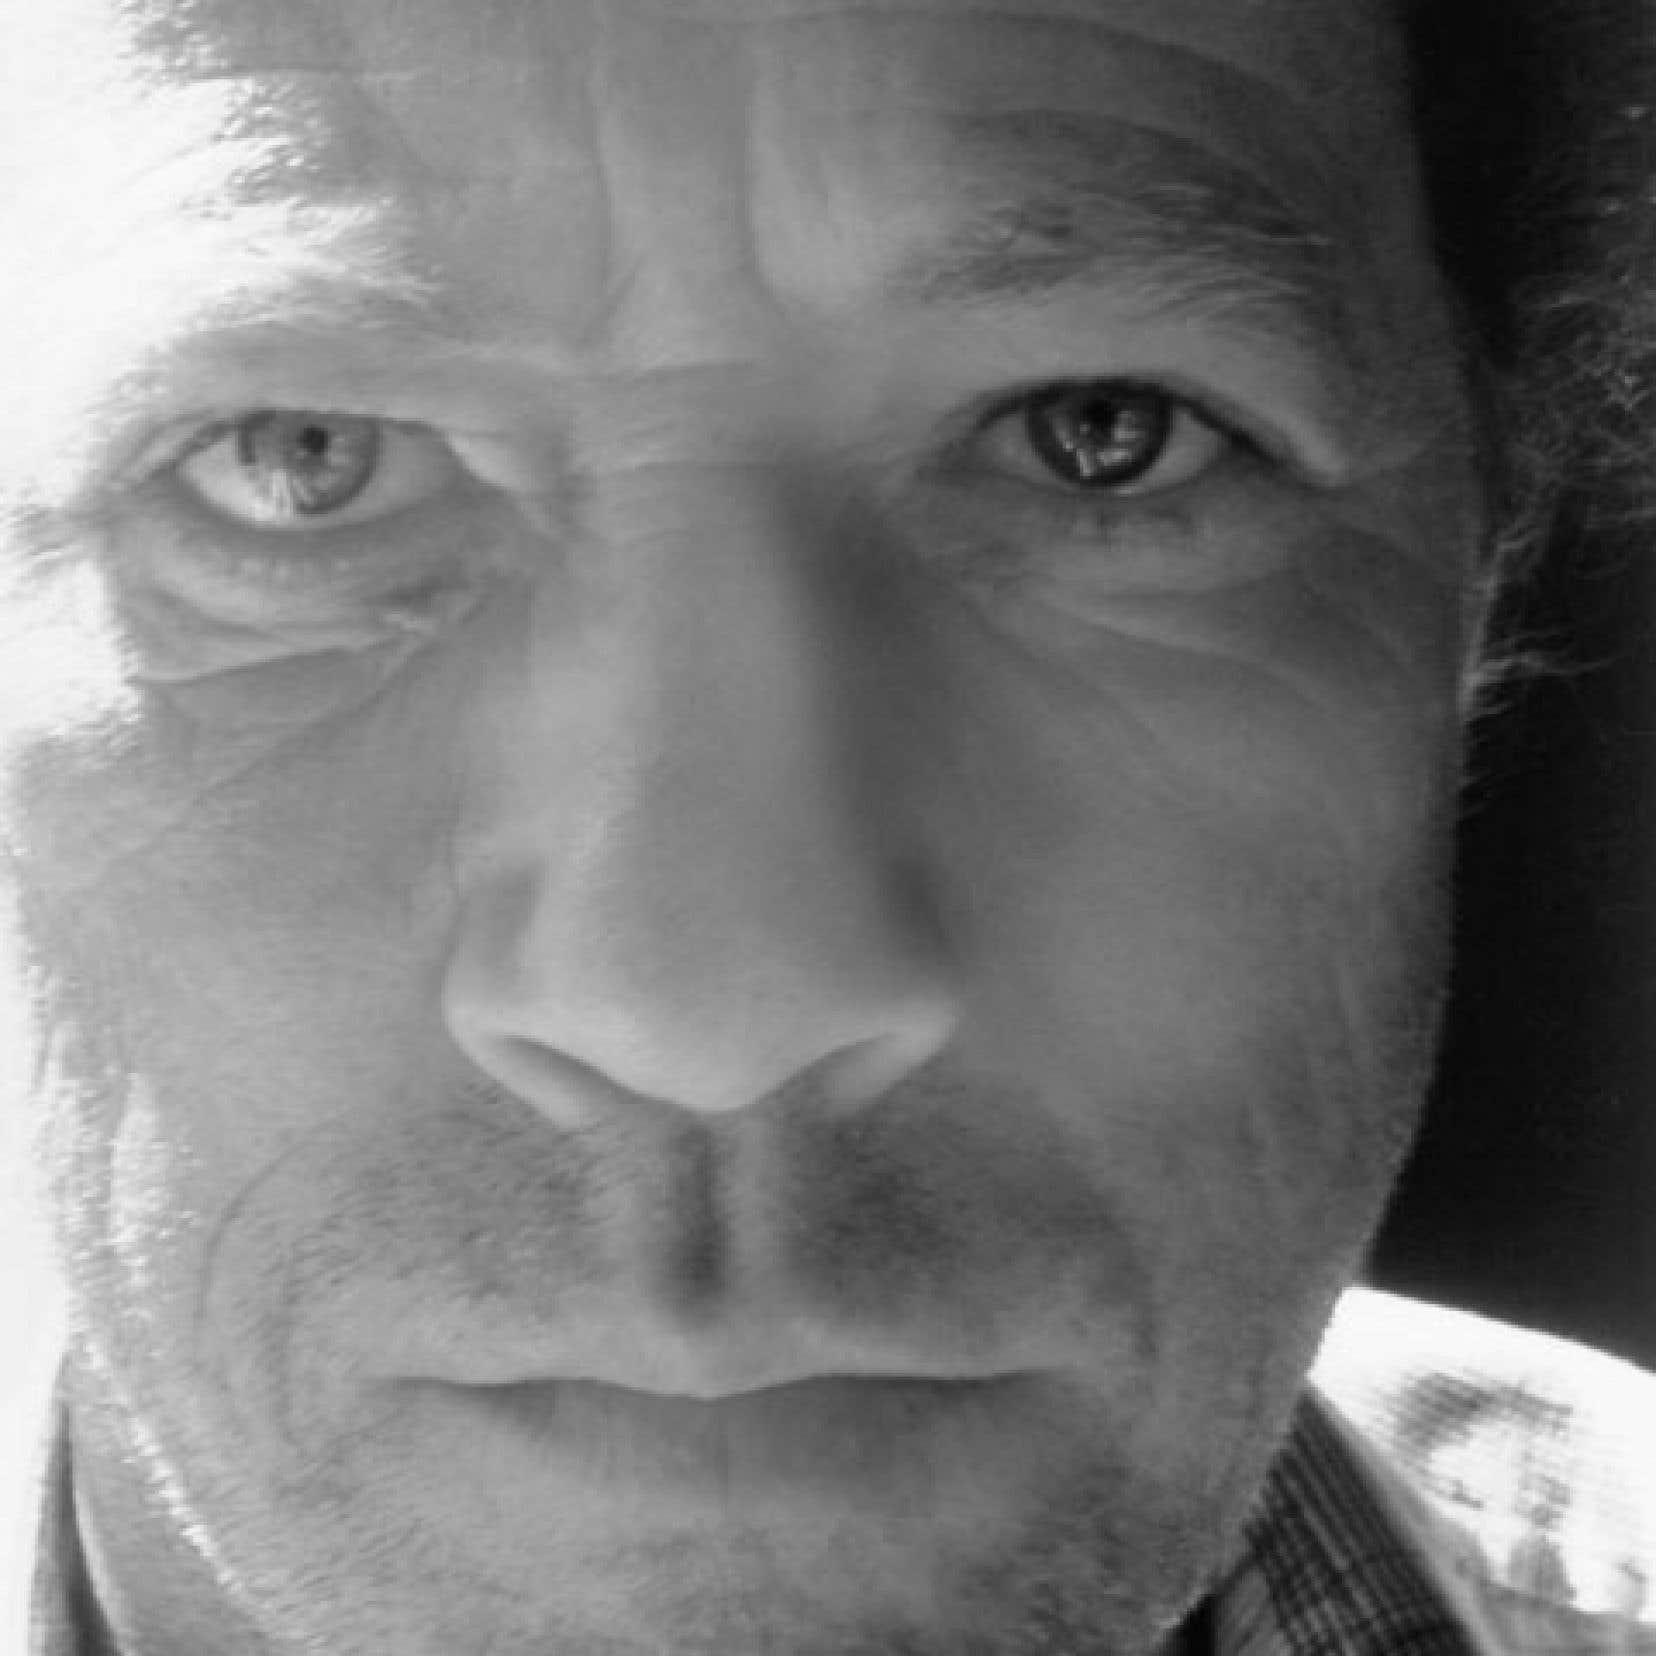 Le poète Yves Boisvert est décédé en décembre dernier, à l'âge de 62 ans. Dans Une saison en paroisses mauriciennes, son ultime recueil posthume, on le retrouve aussi puissant.